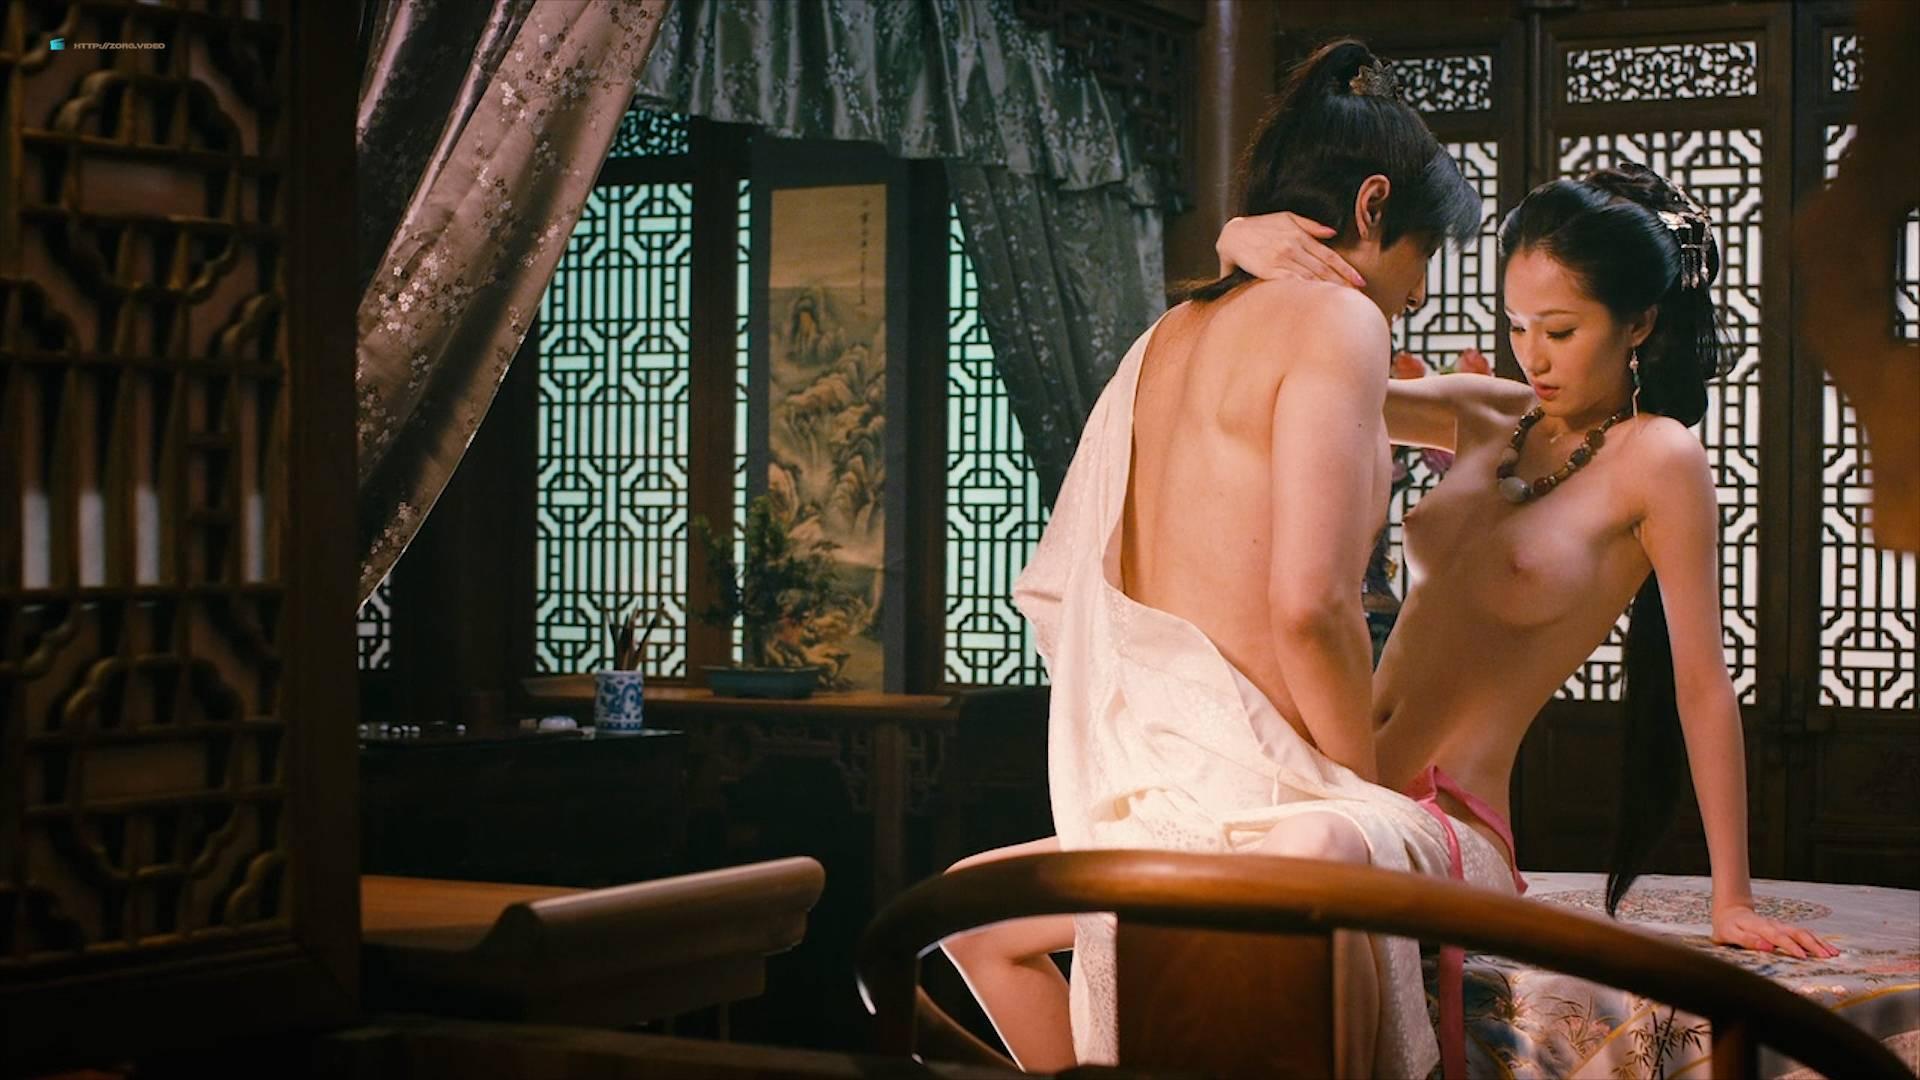 Yukiko Suo Nude Sex Leni Lan, Saori Hara, And Others Nude -7466